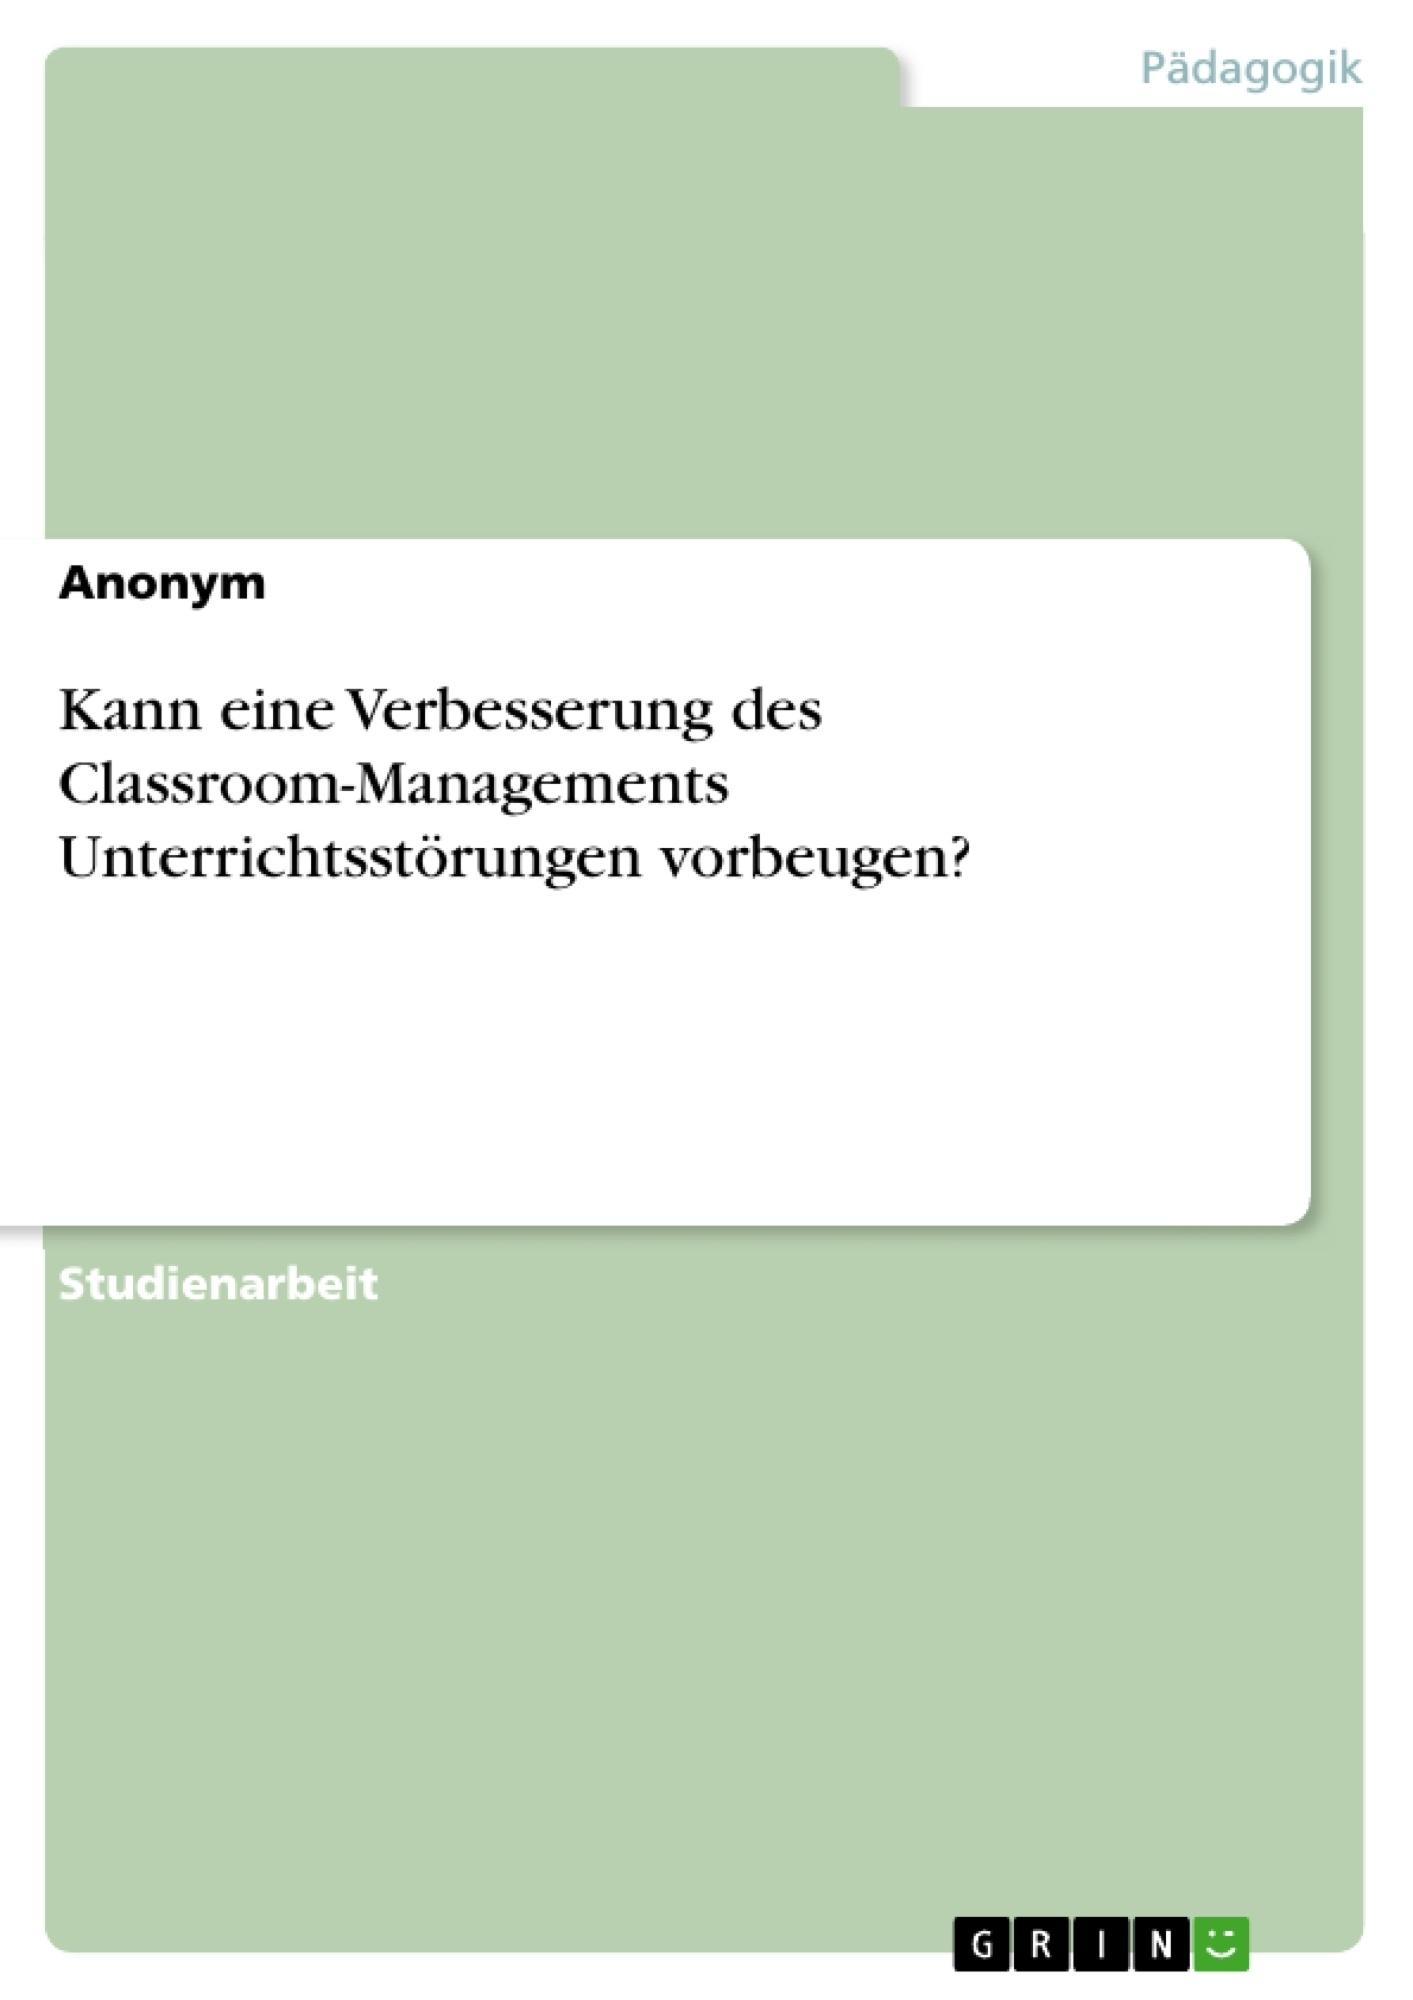 Titel: Kann eine Verbesserung des Classroom-Managements Unterrichtsstörungen vorbeugen?